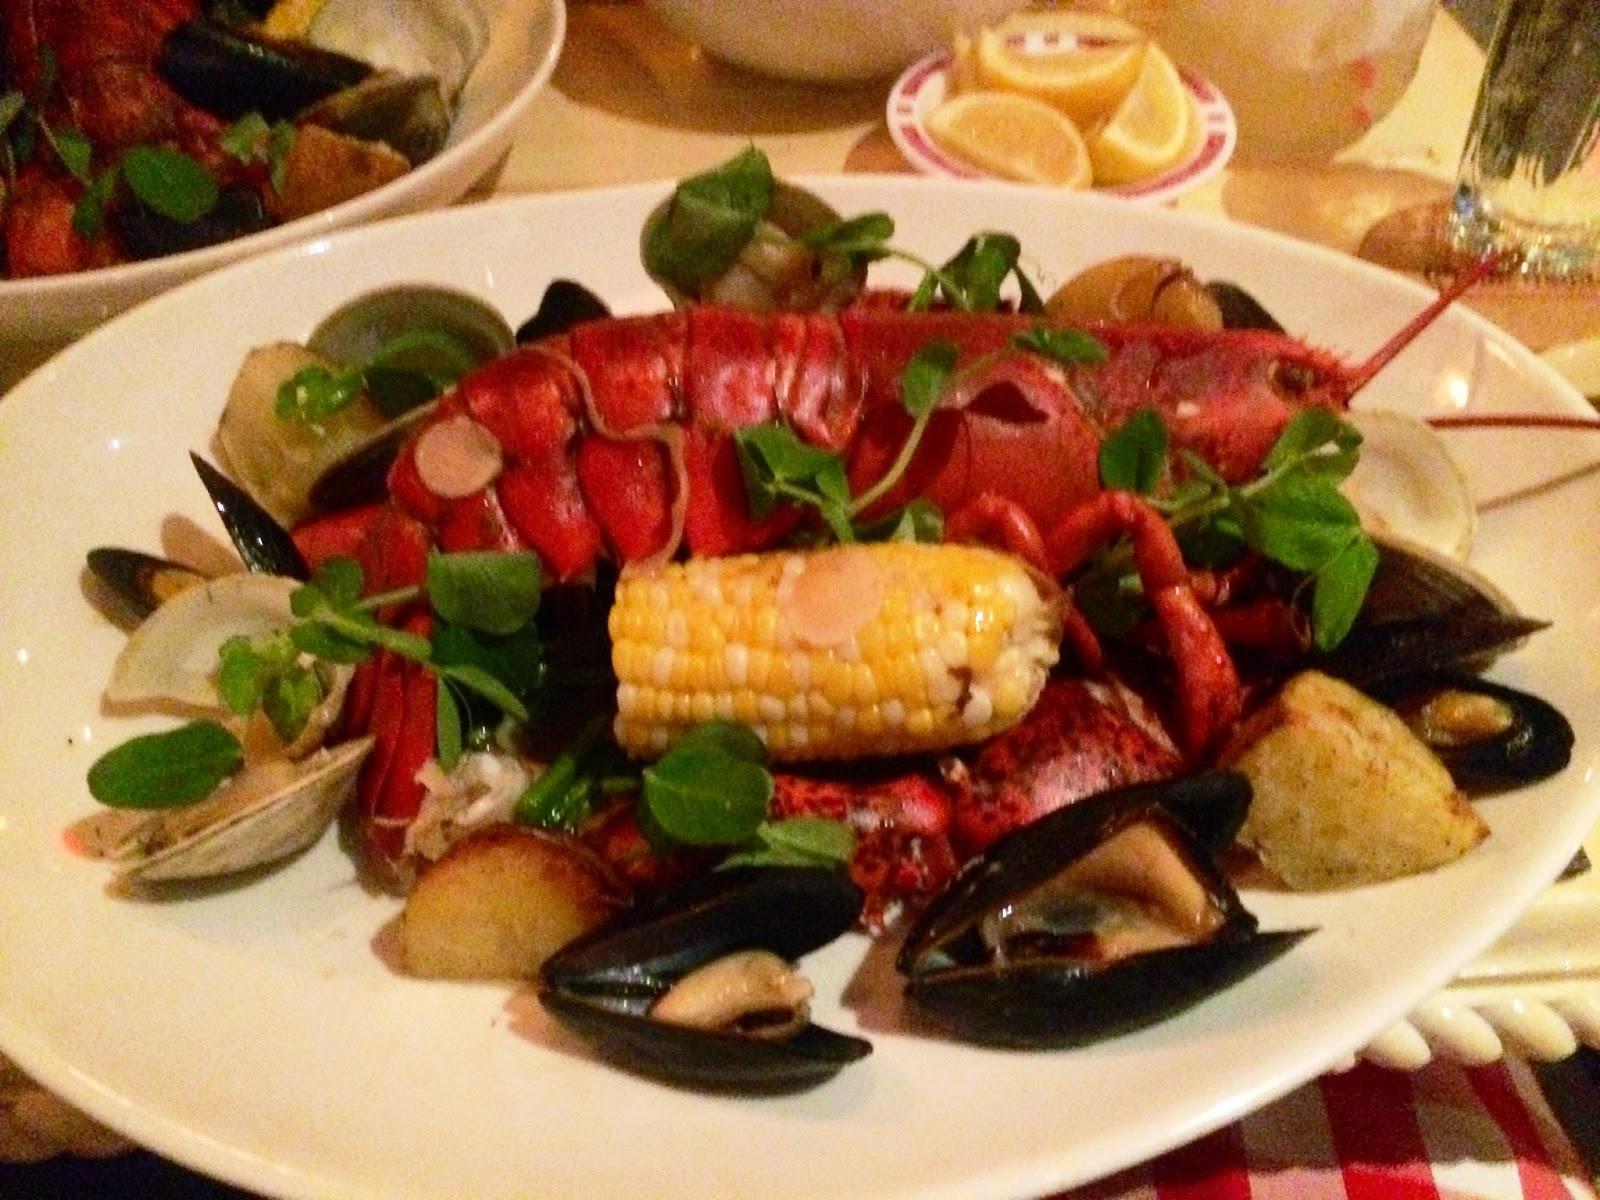 Chalk Point Kitchen, NYC, SoHo, Matt Levine, lobster, clams, seafood, dinner, restaurants, Christopher Stewart,